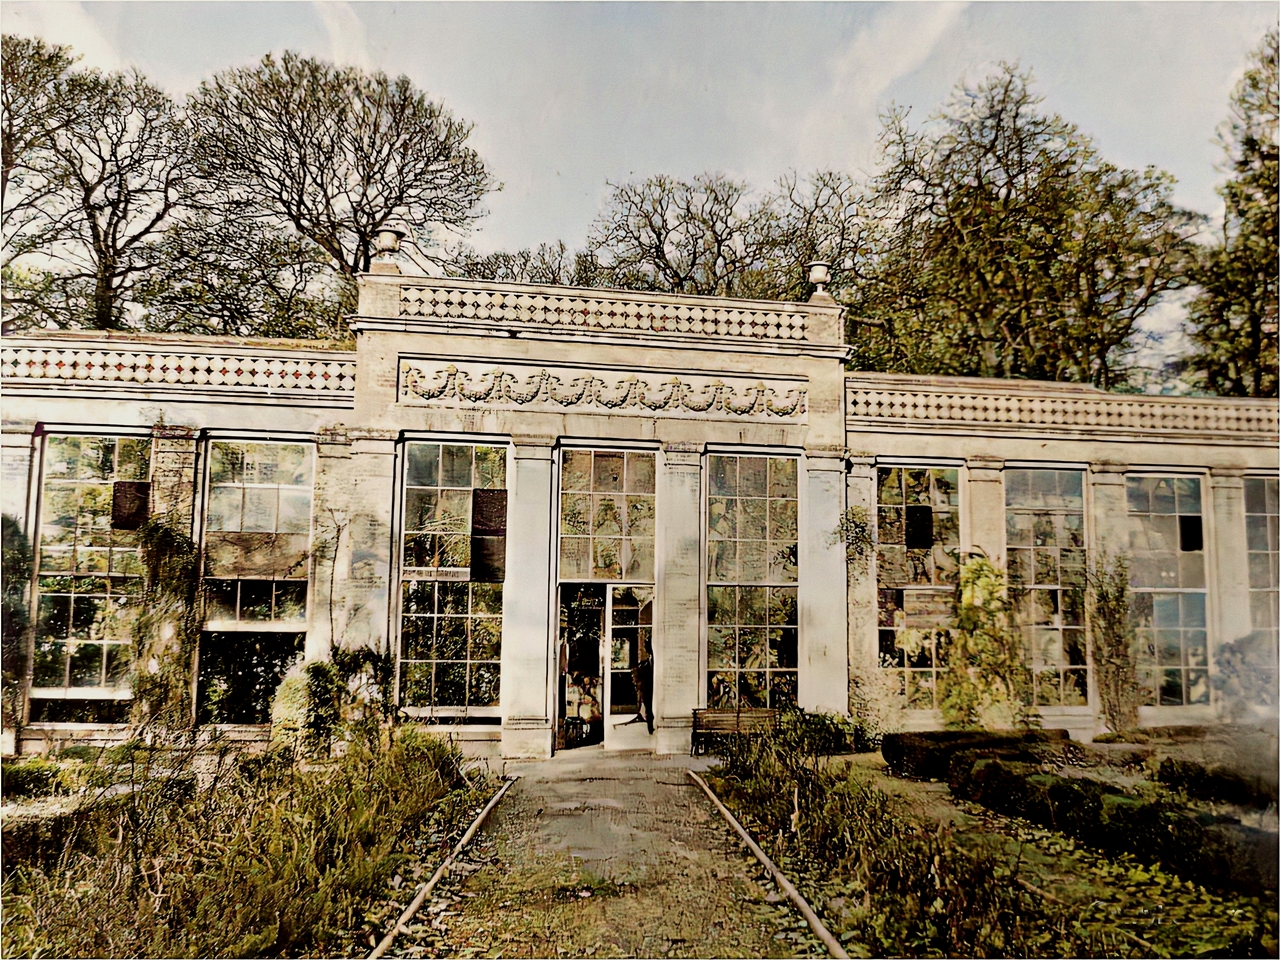 Panshanger Park Orangery